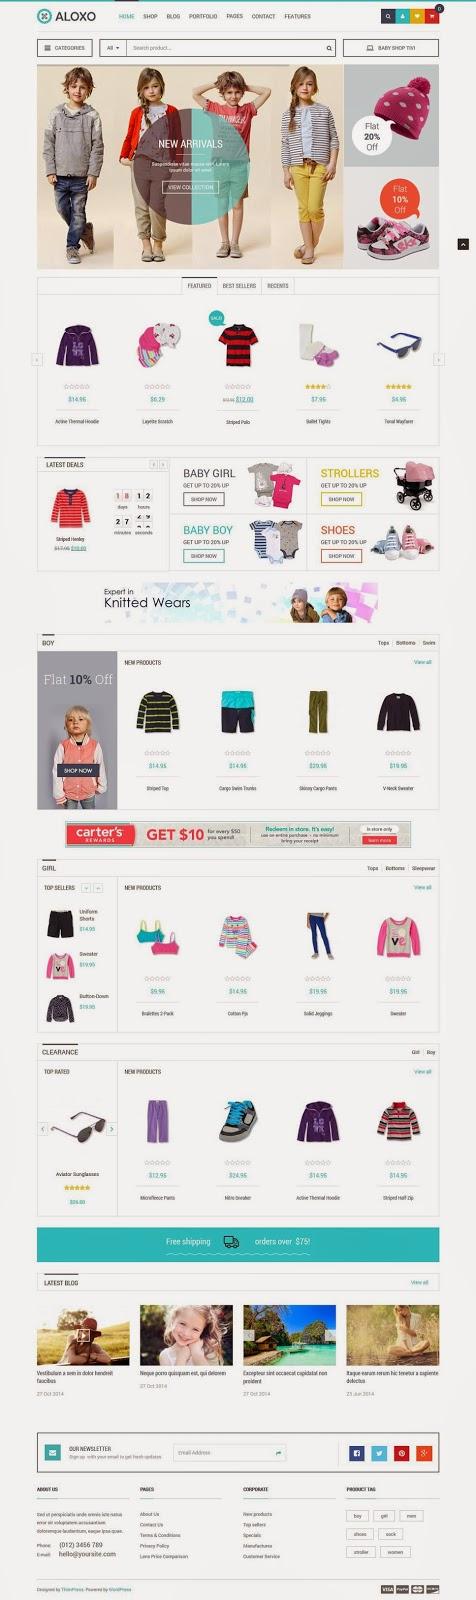 Premium Responsive WooCommerce Theme 2015